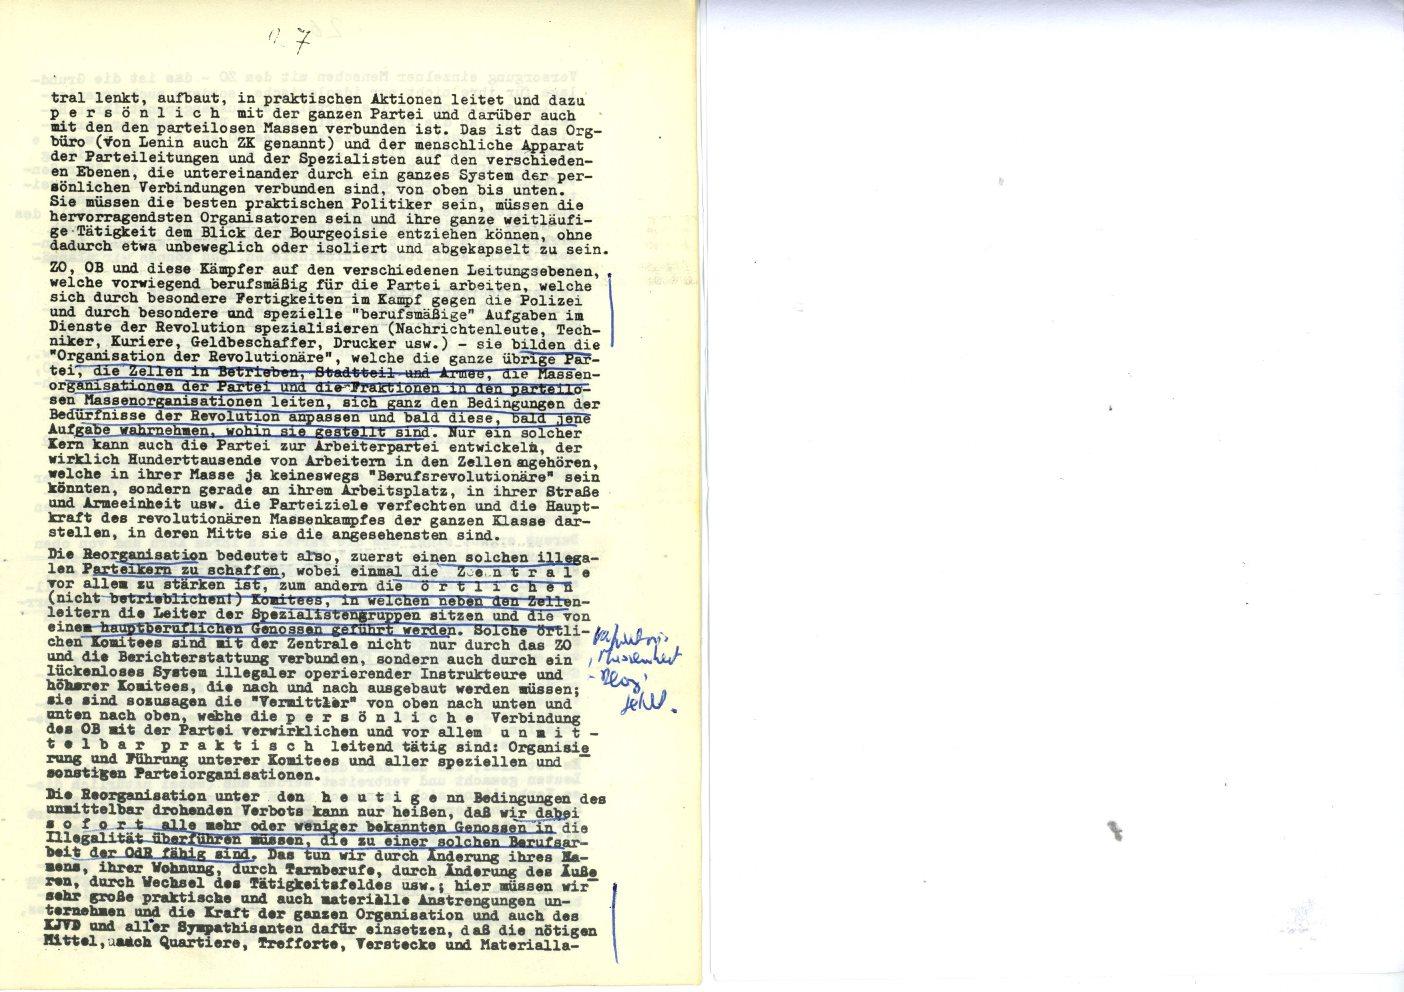 ZB_1972_Diskussionsorgan_zur_ersten_Parteikonferenz_16